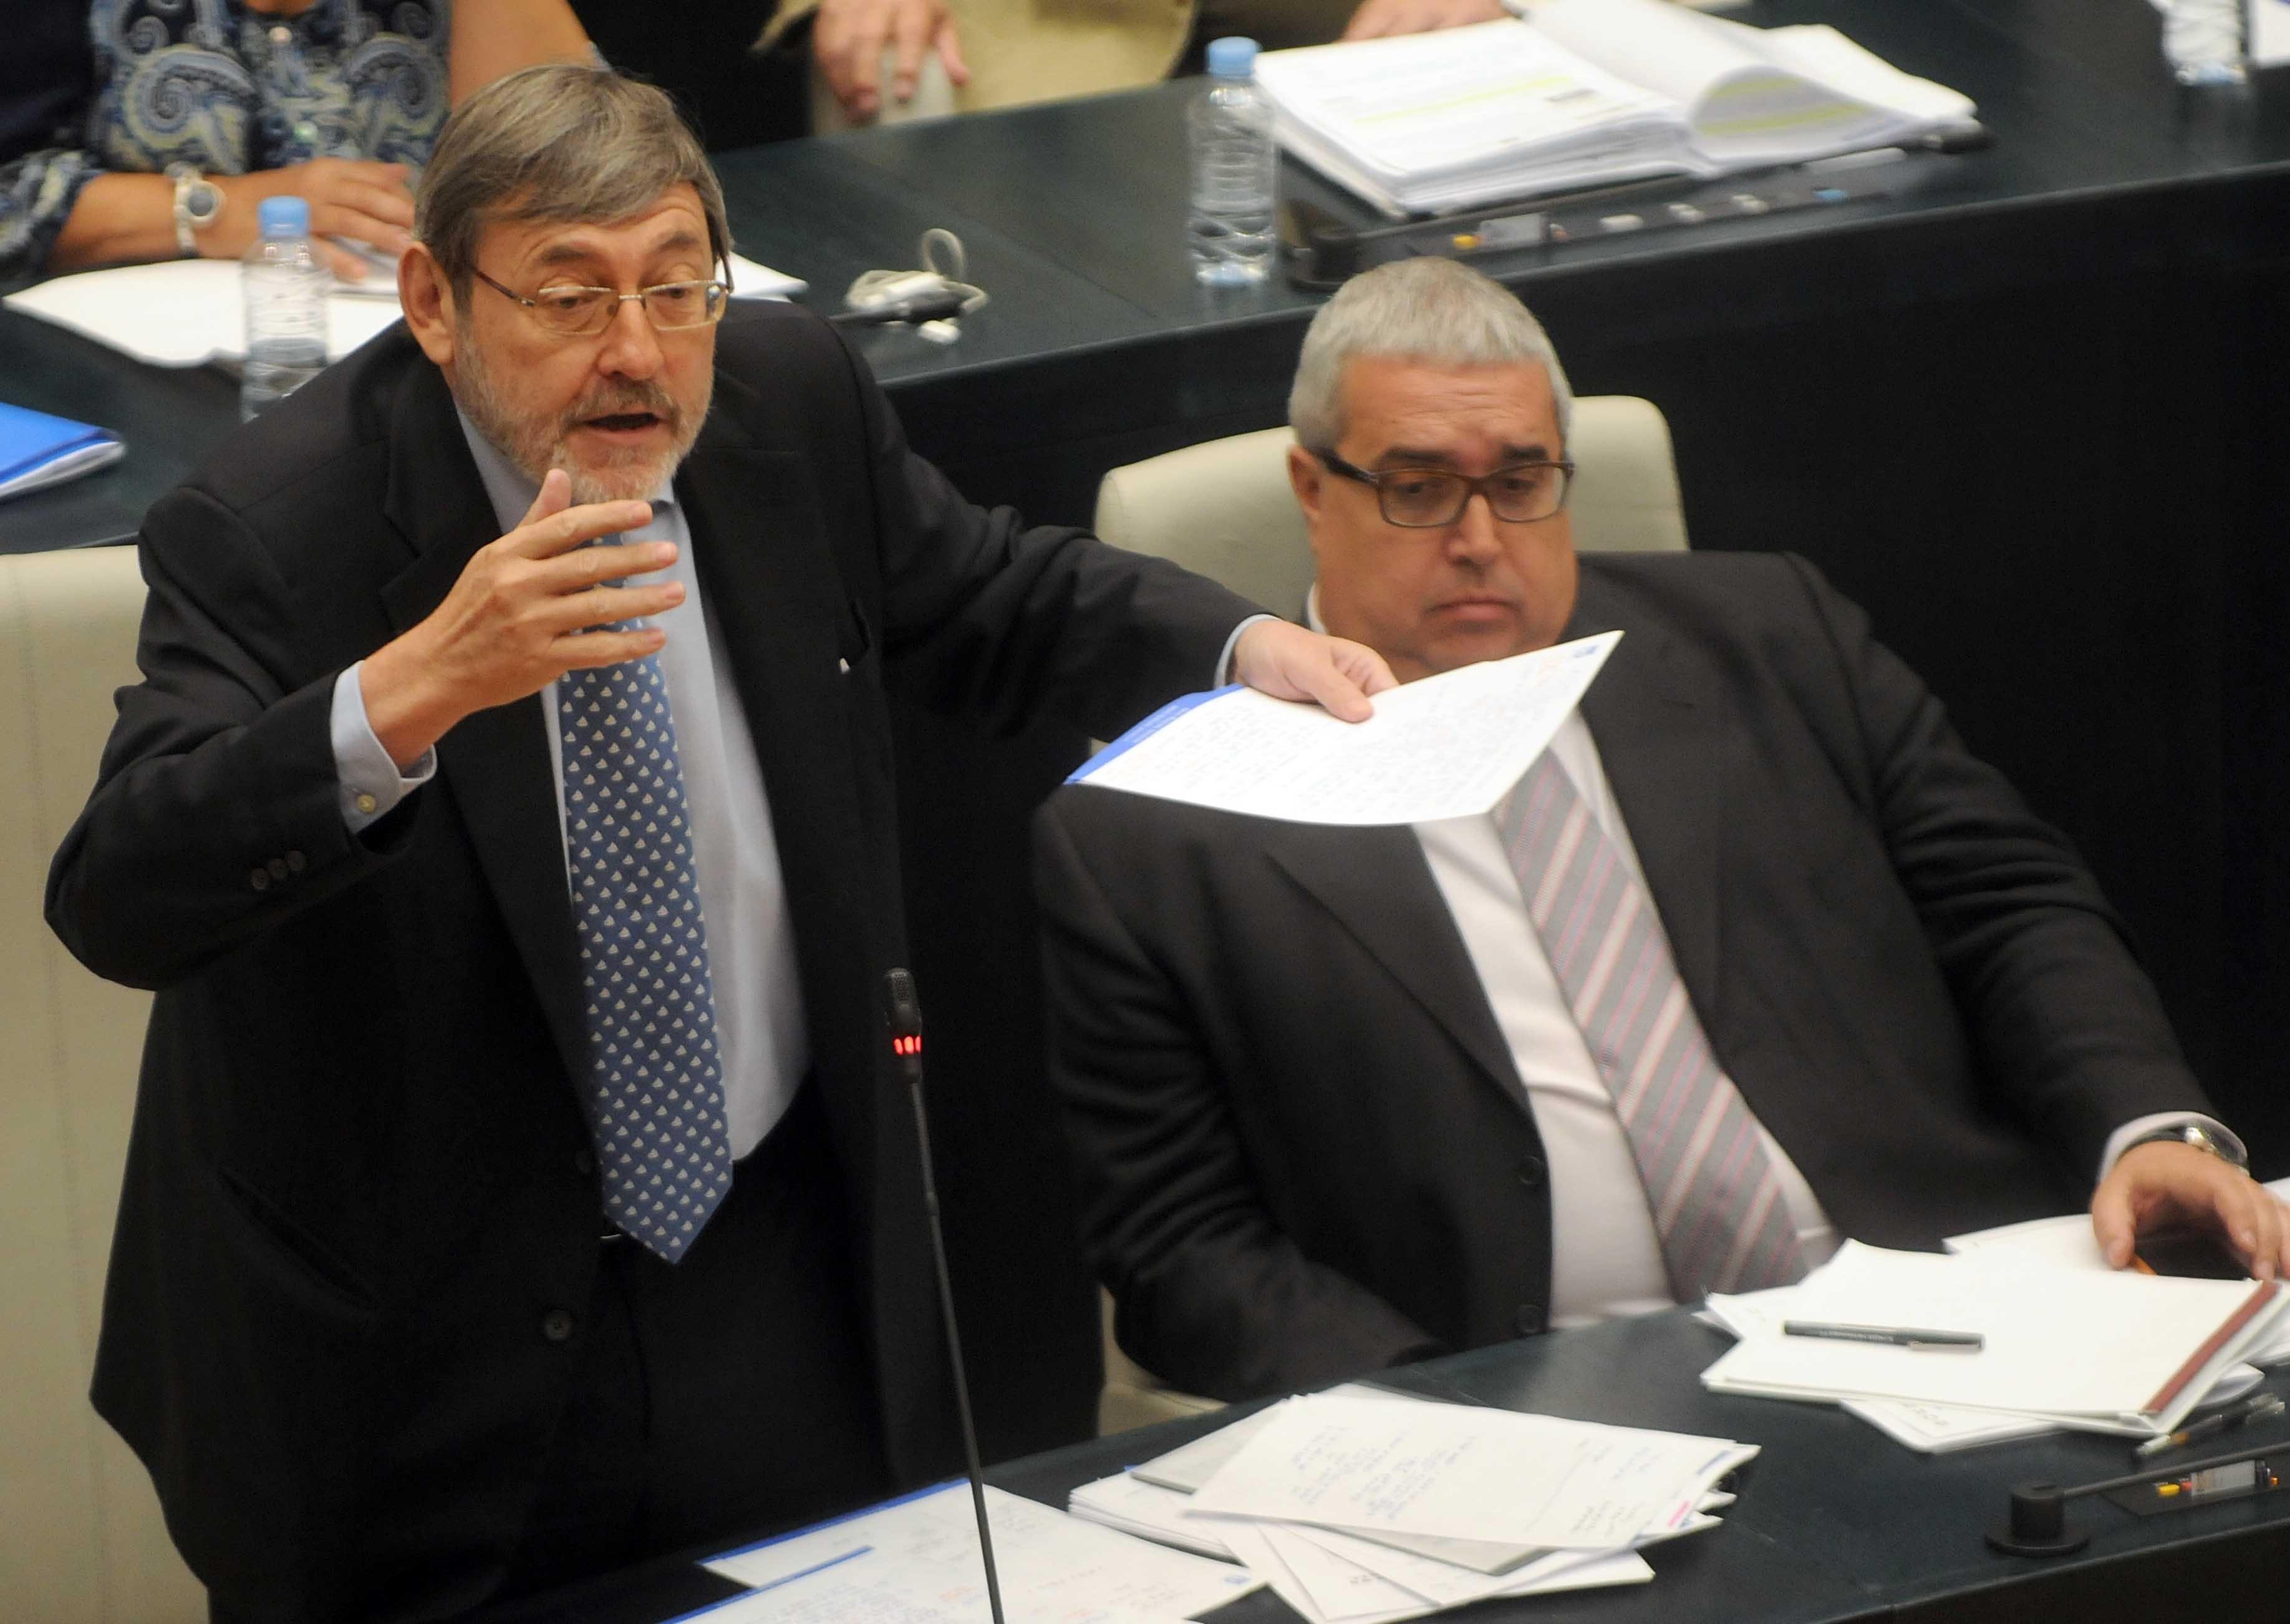 Lissavetzky critica la entrada en vigor del copago en el servicio de teleasistencia a personas mayores